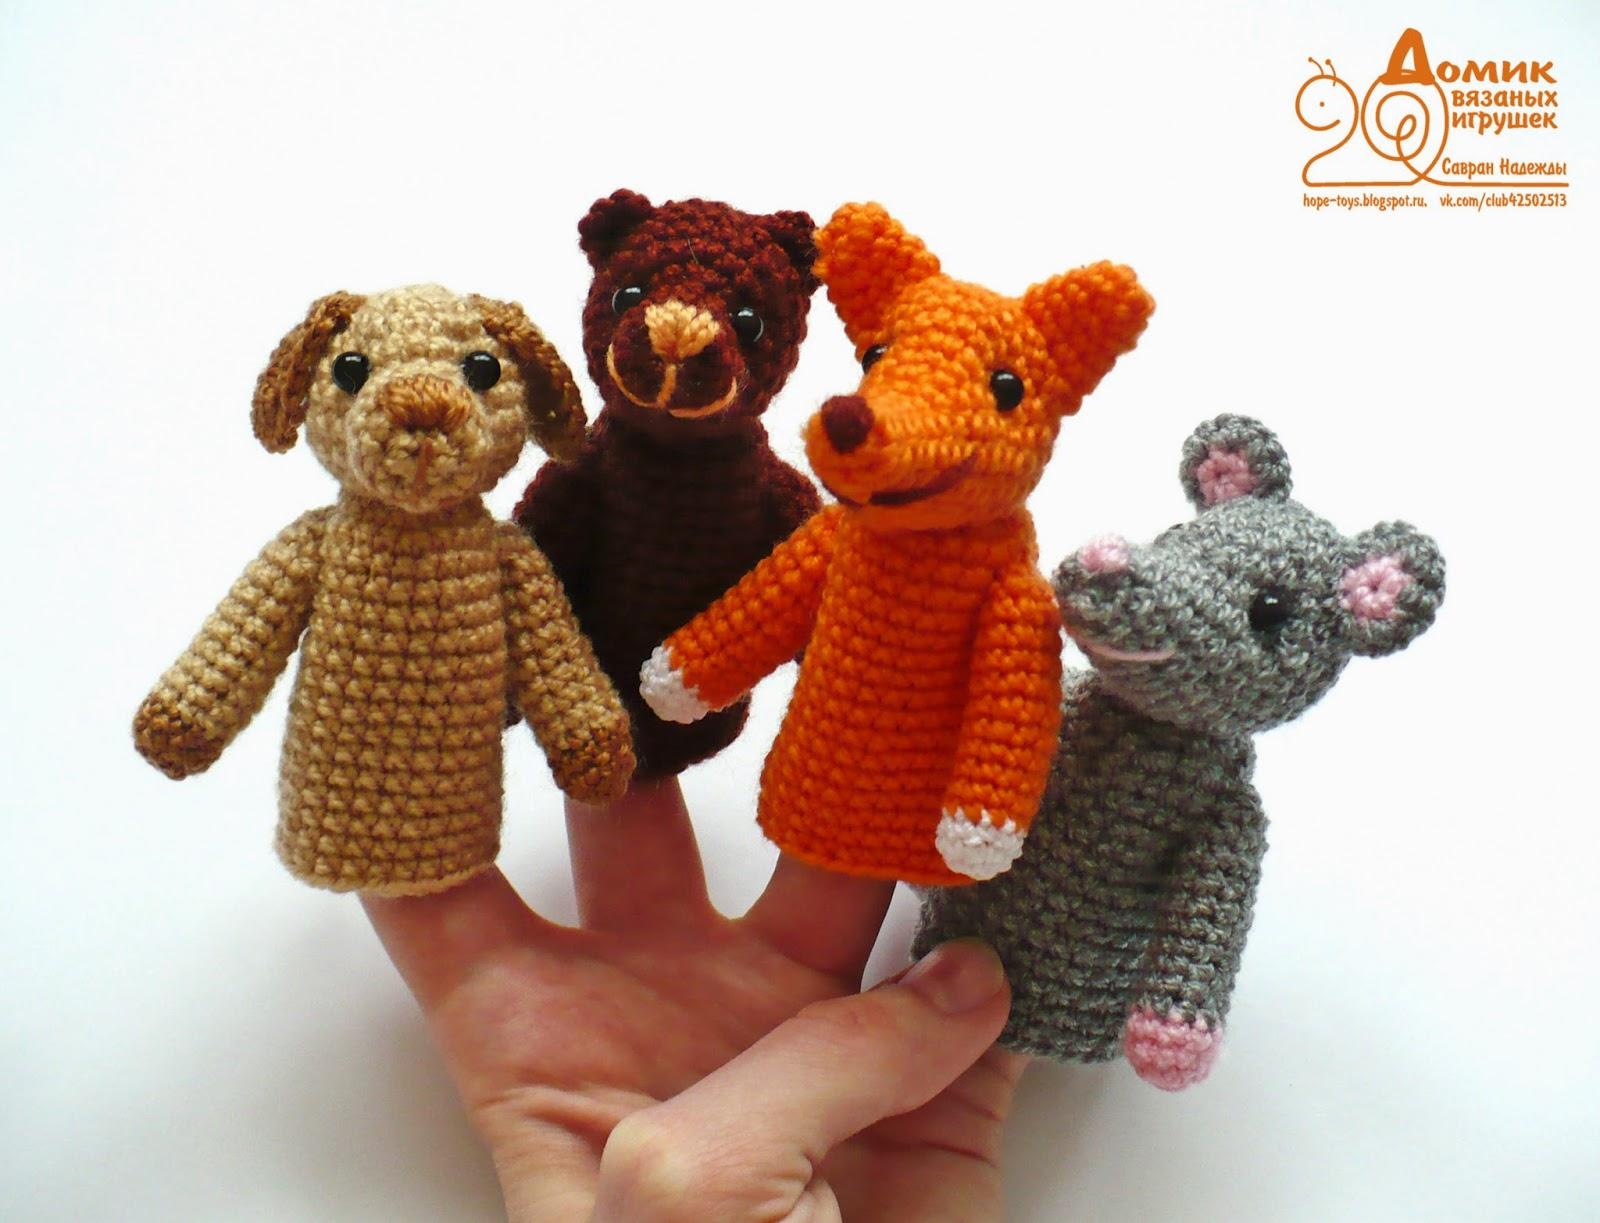 домик вязаных игрушек пальчиковые игрушки и подарок сюрприз